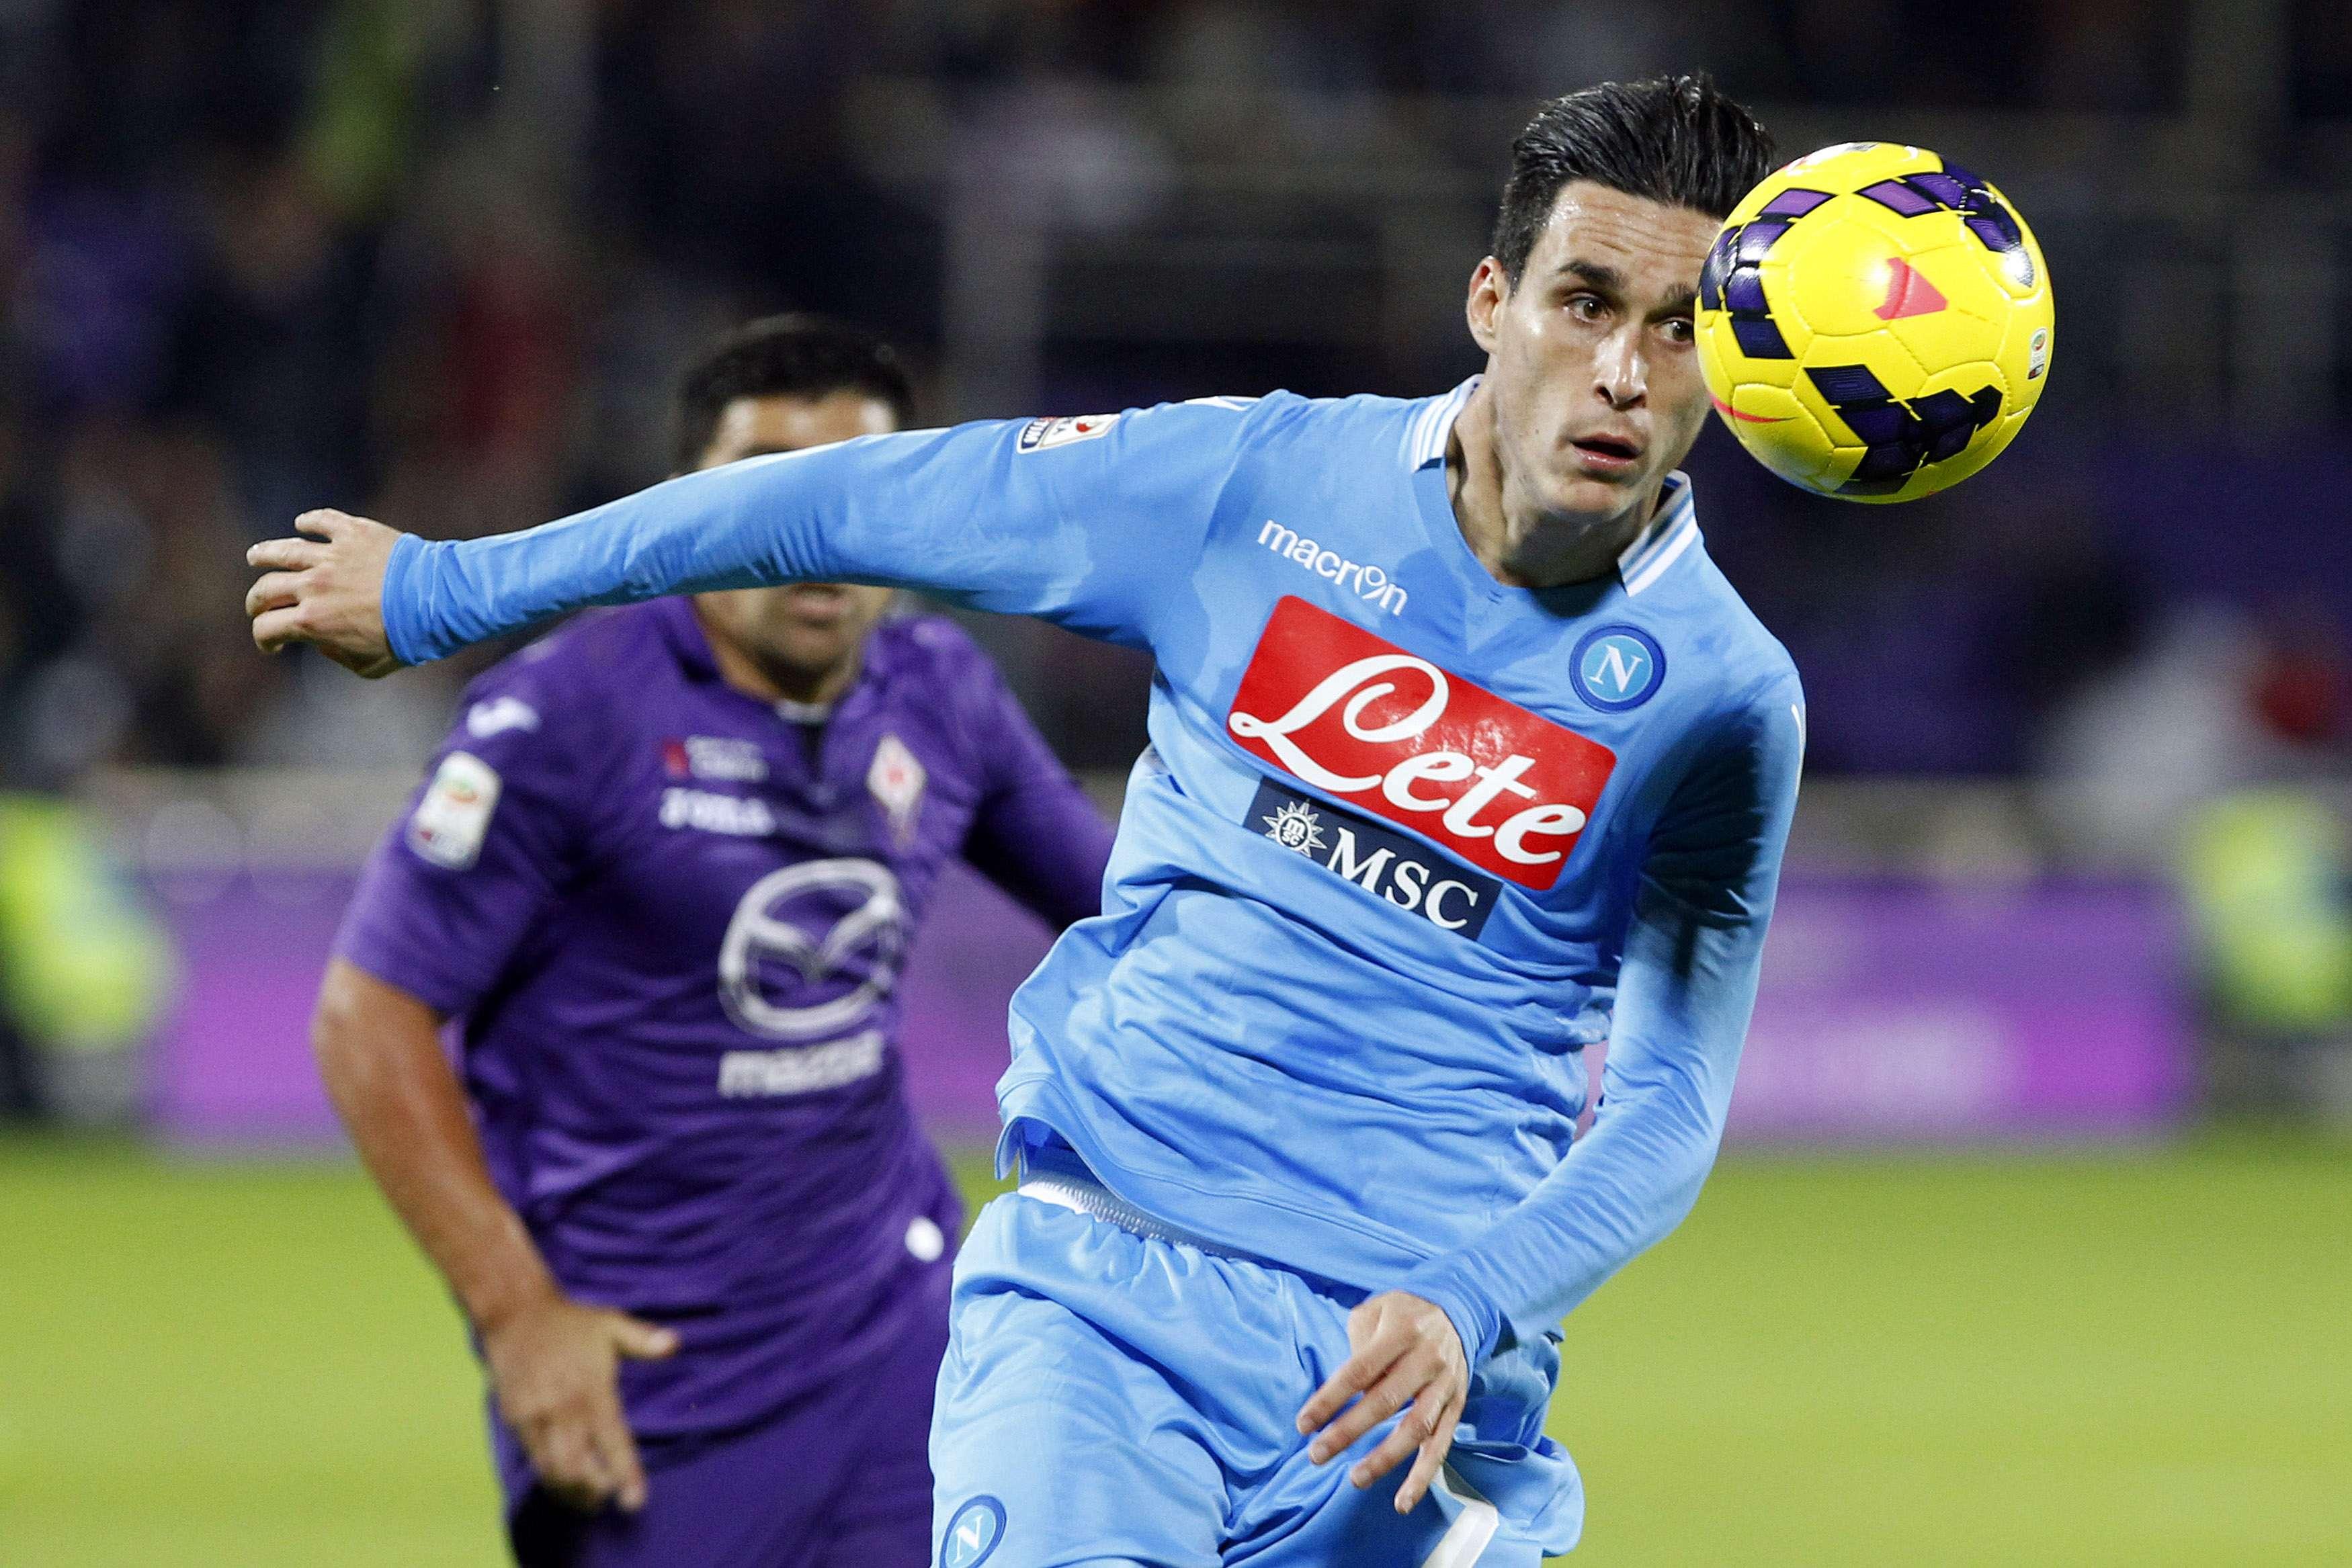 Napoli Fiorentina in campo alle 15 al San Paolo per il big match della 30° giornata di Serie A